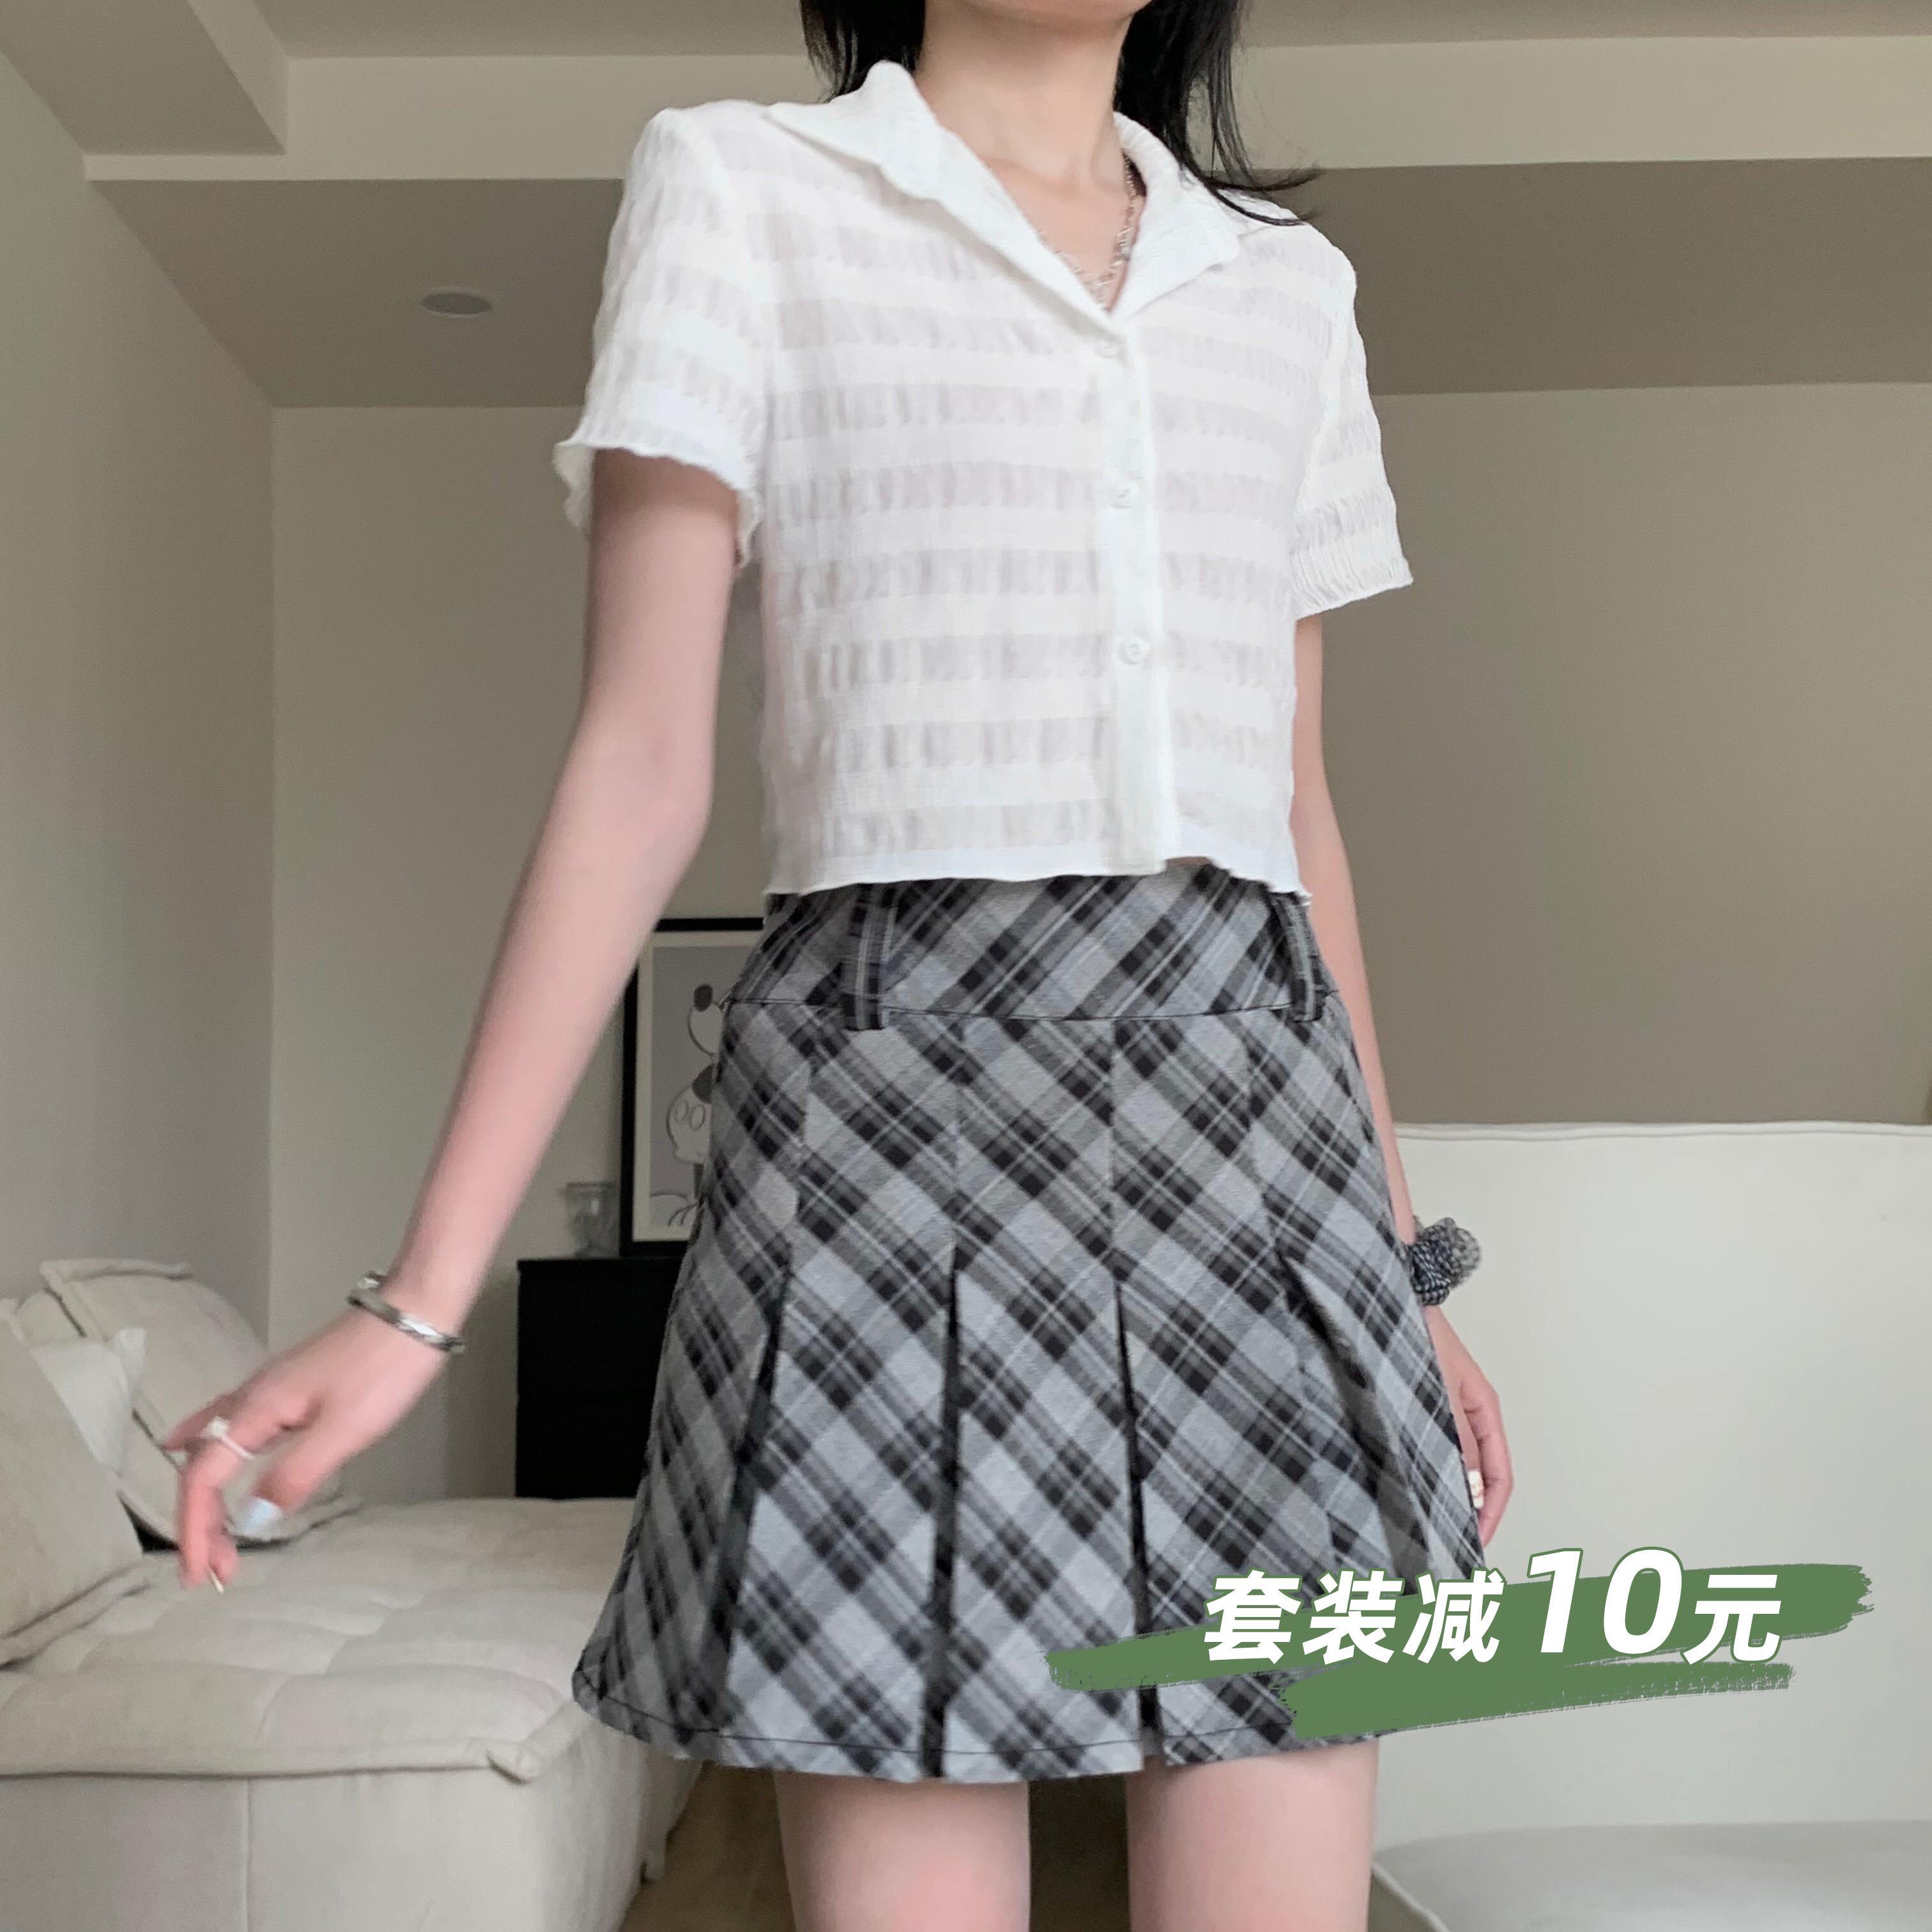 海晨酱自制夏季新款复古短款半身裙